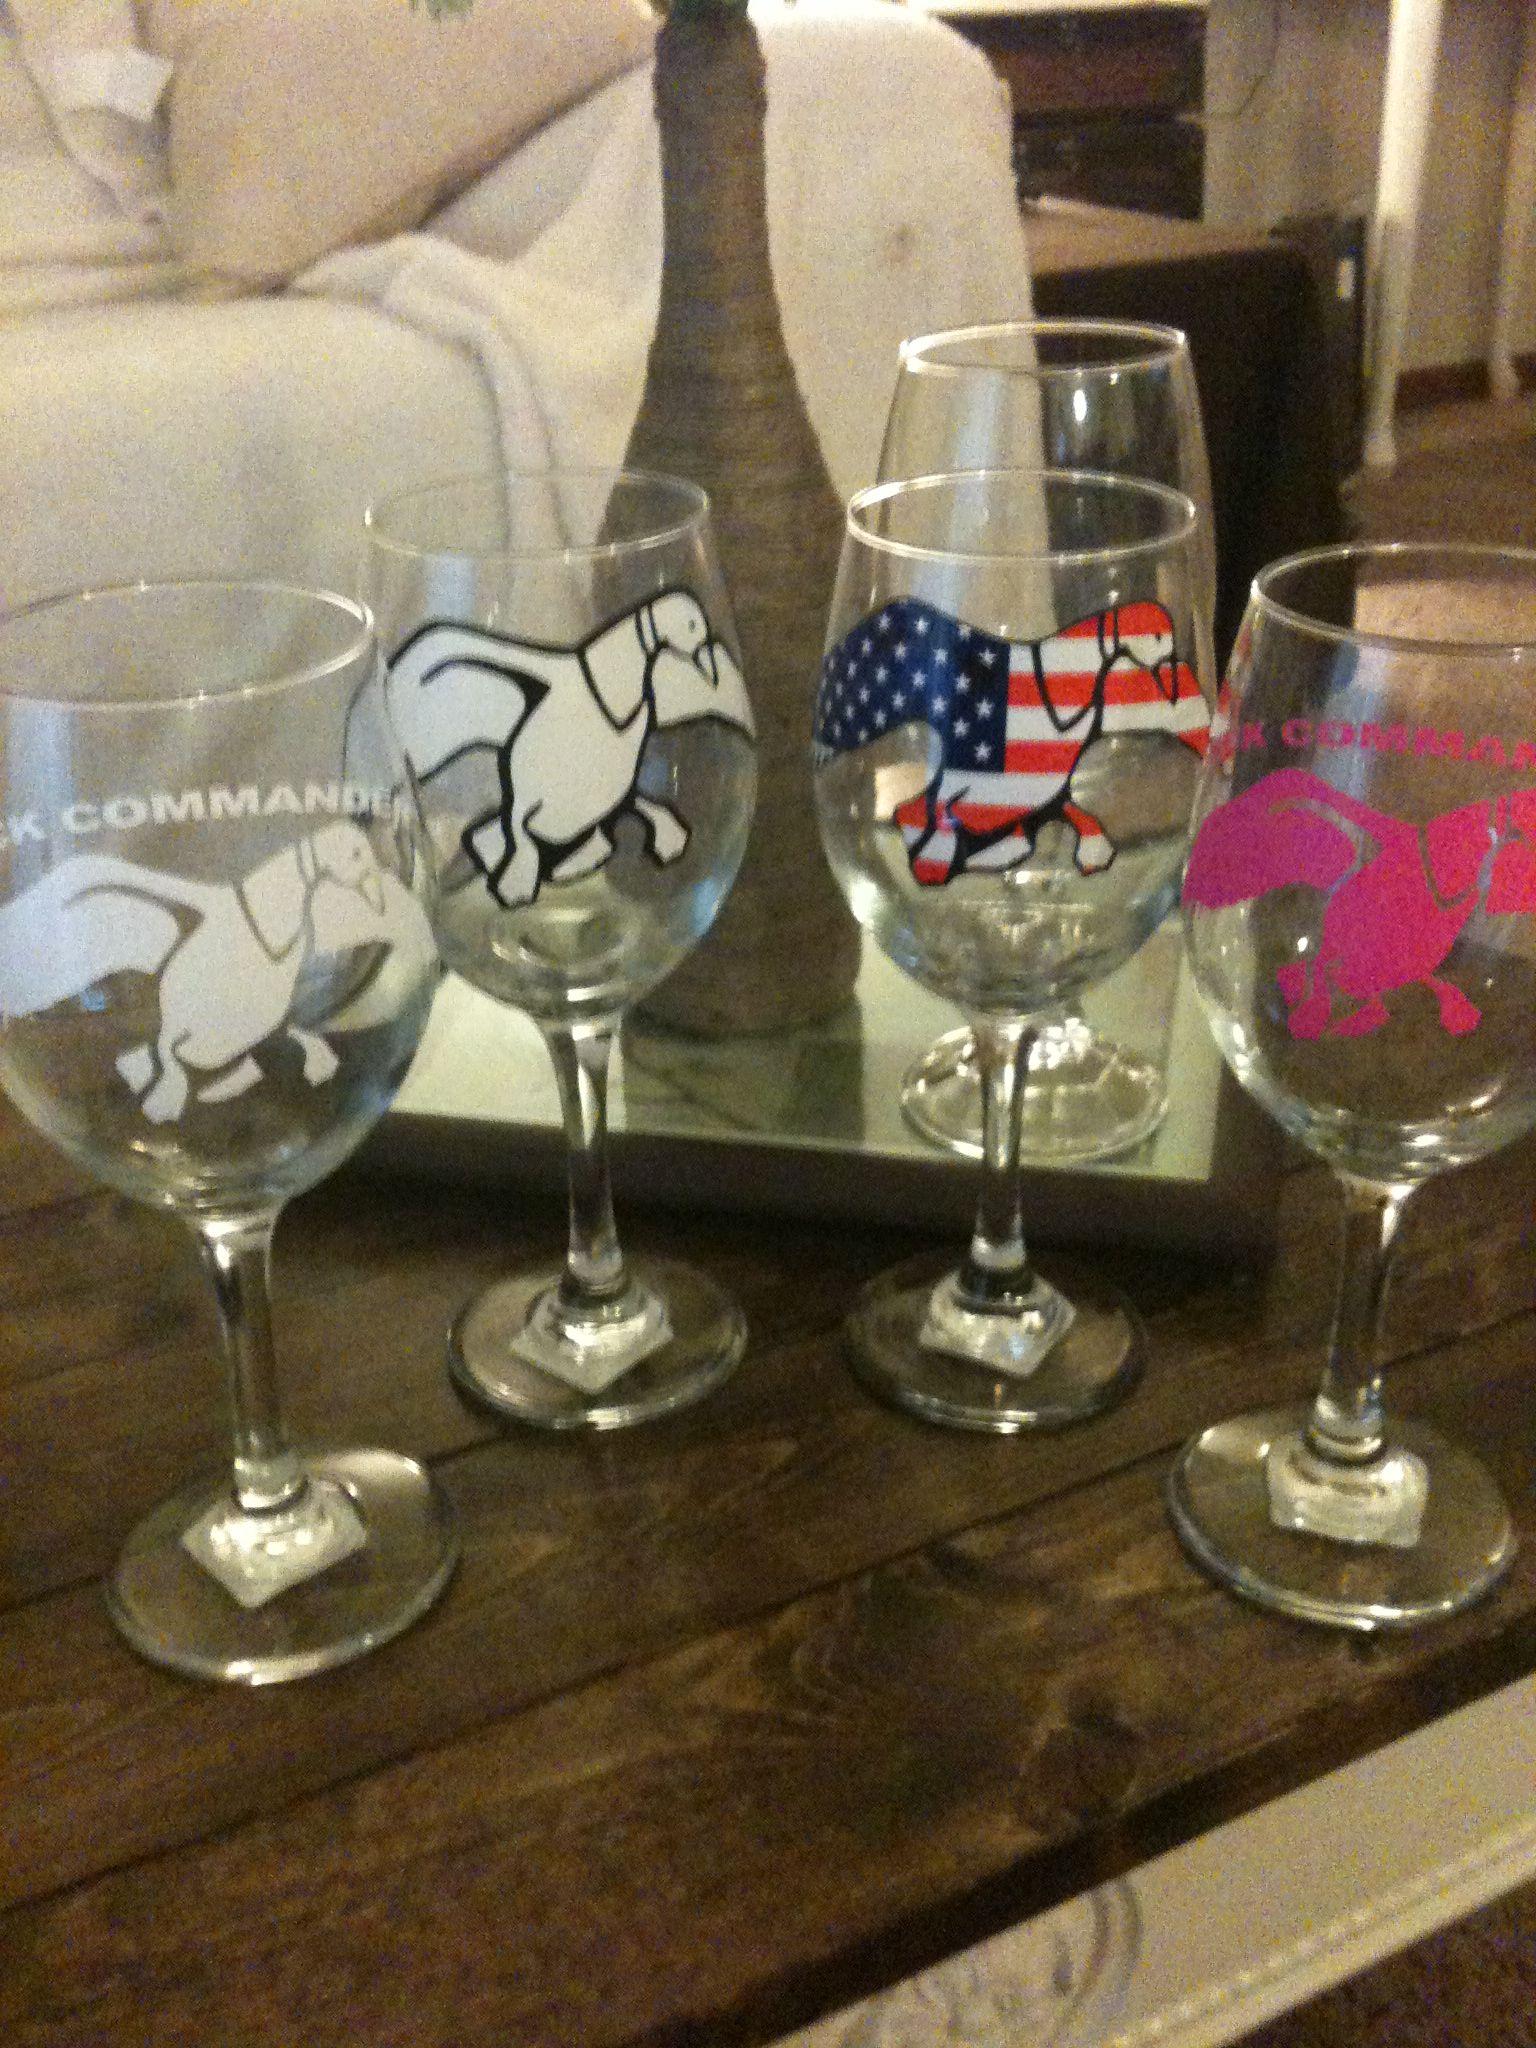 Duck Commander Wine Glasses | For the Home | Pinterest ... | 2048 x 1536 jpeg 2912kB